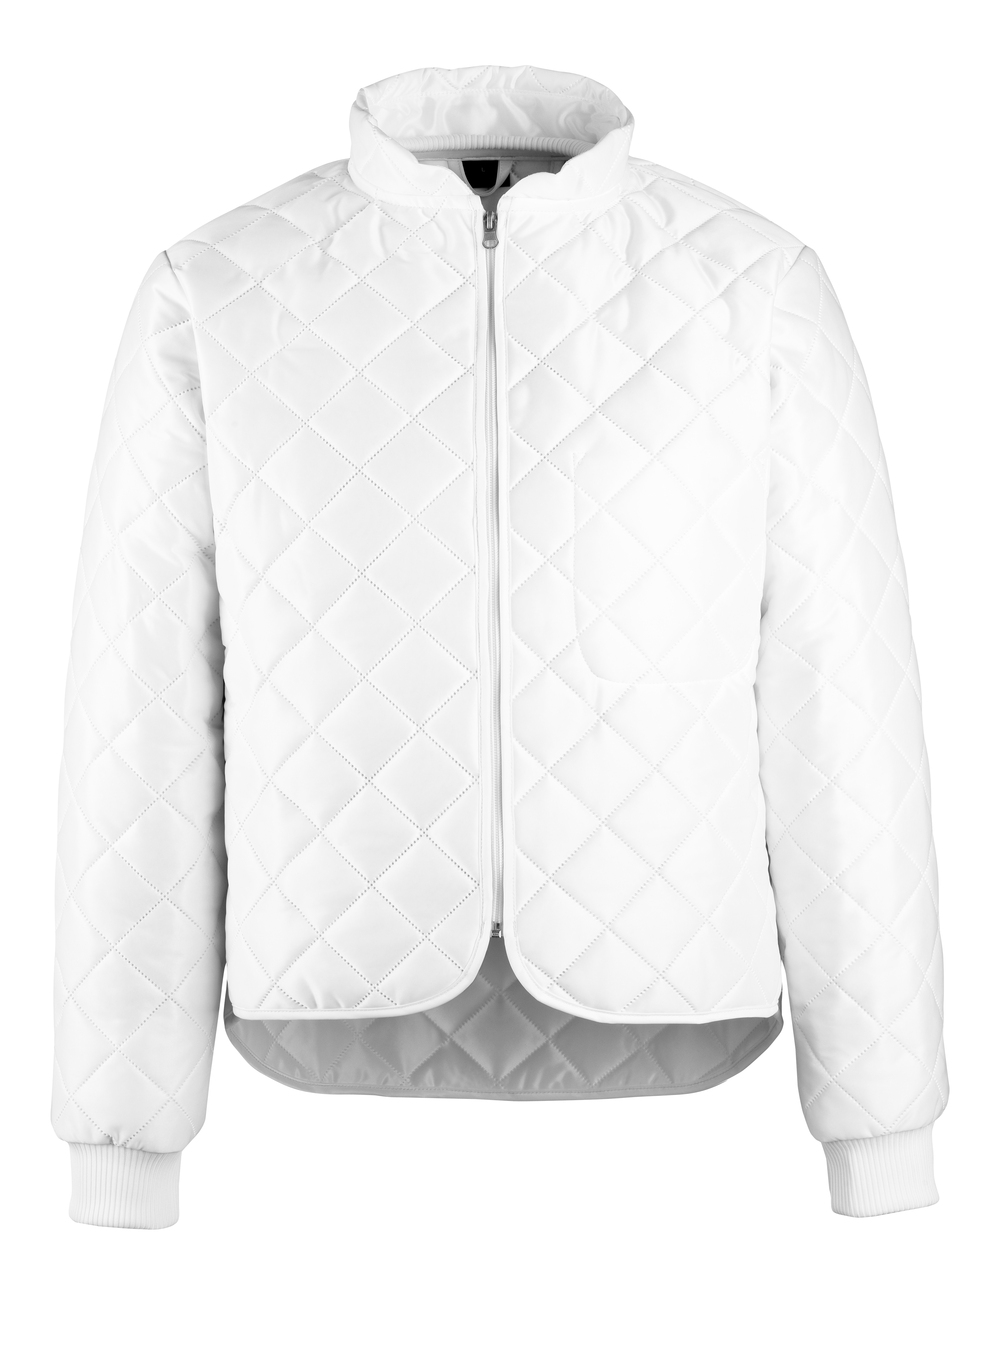 13528-707-06 Veste thermique - Blanc